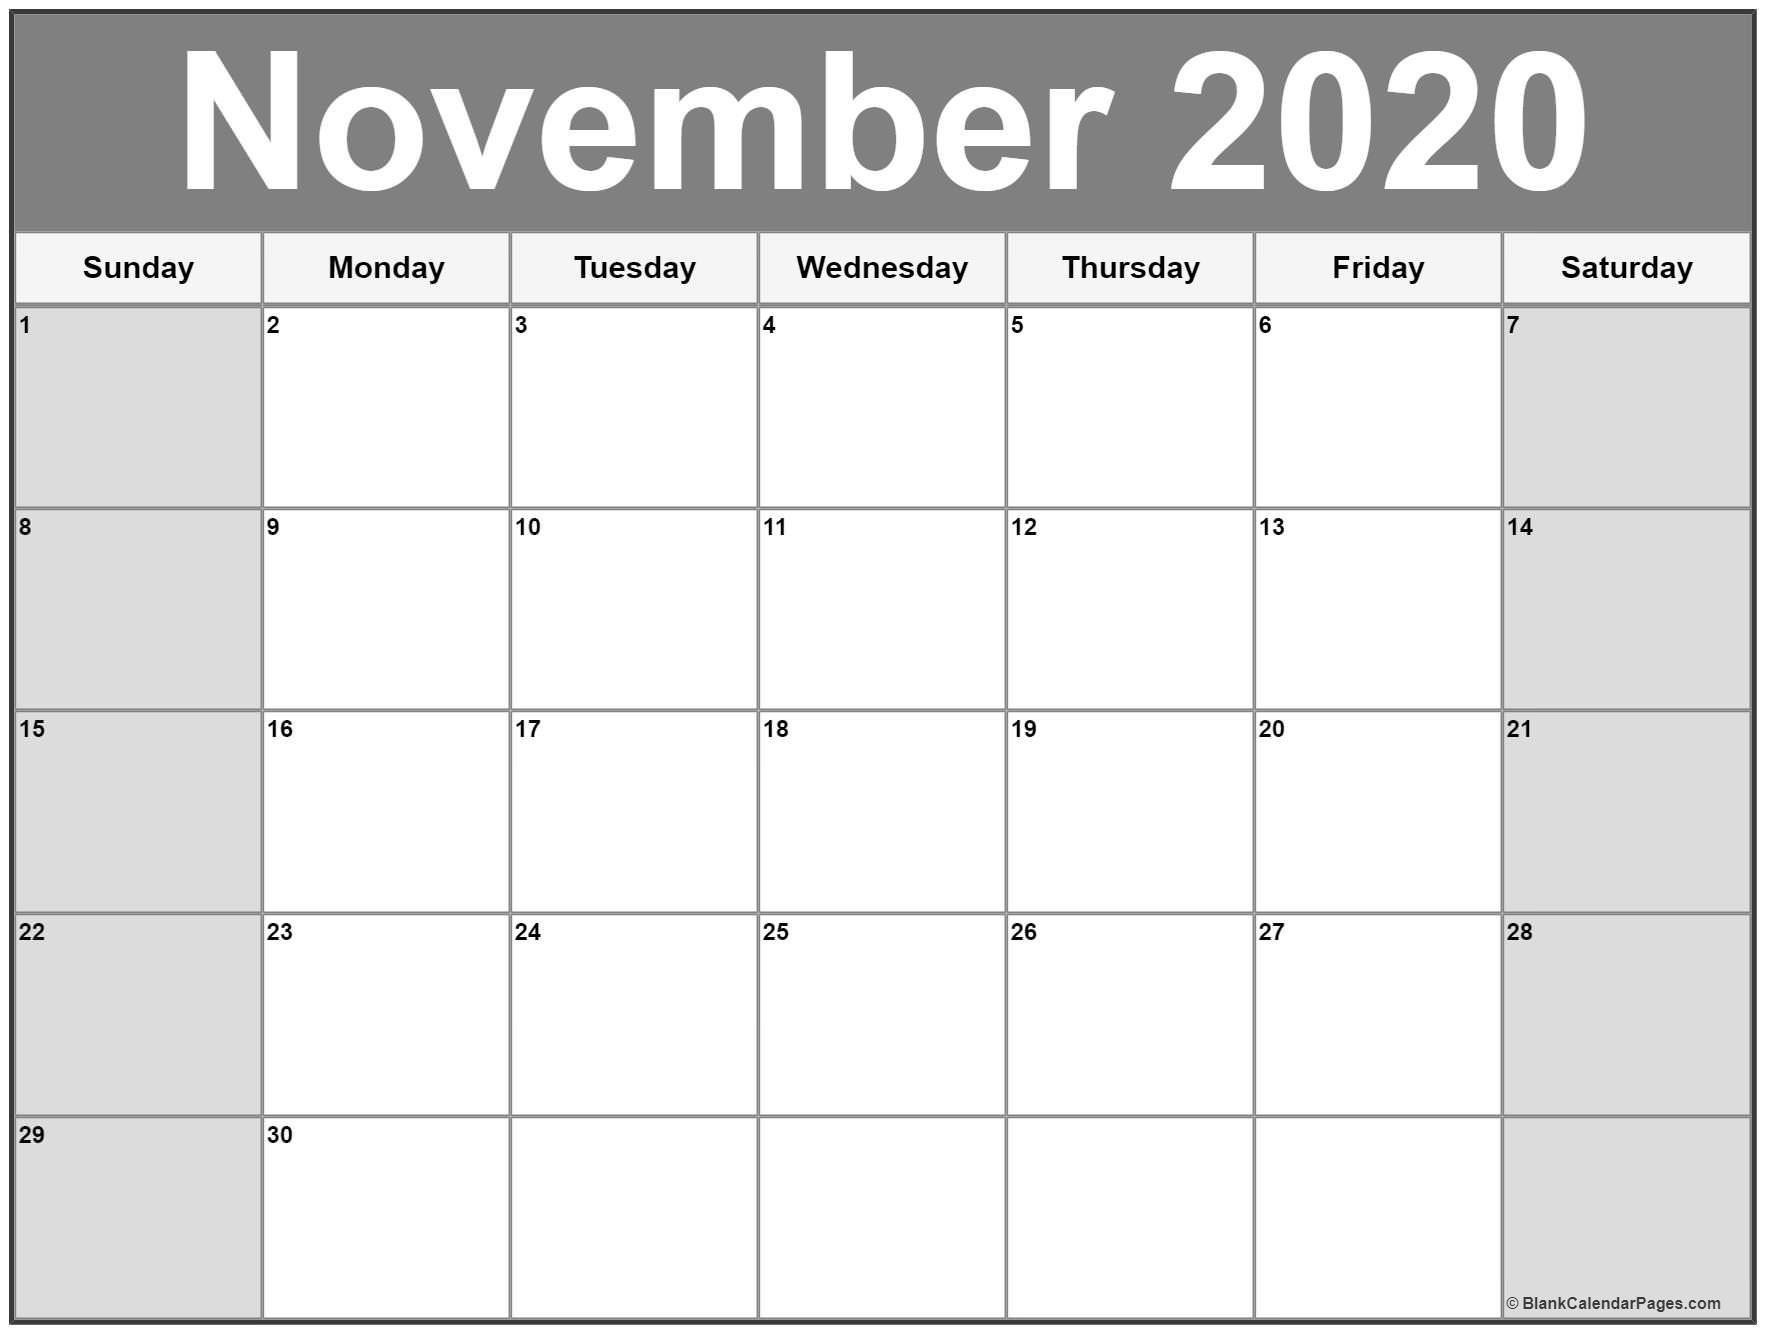 November 2020 Calendar Printable.November 2020 Calendar Printable Monthly Calendars Calendar